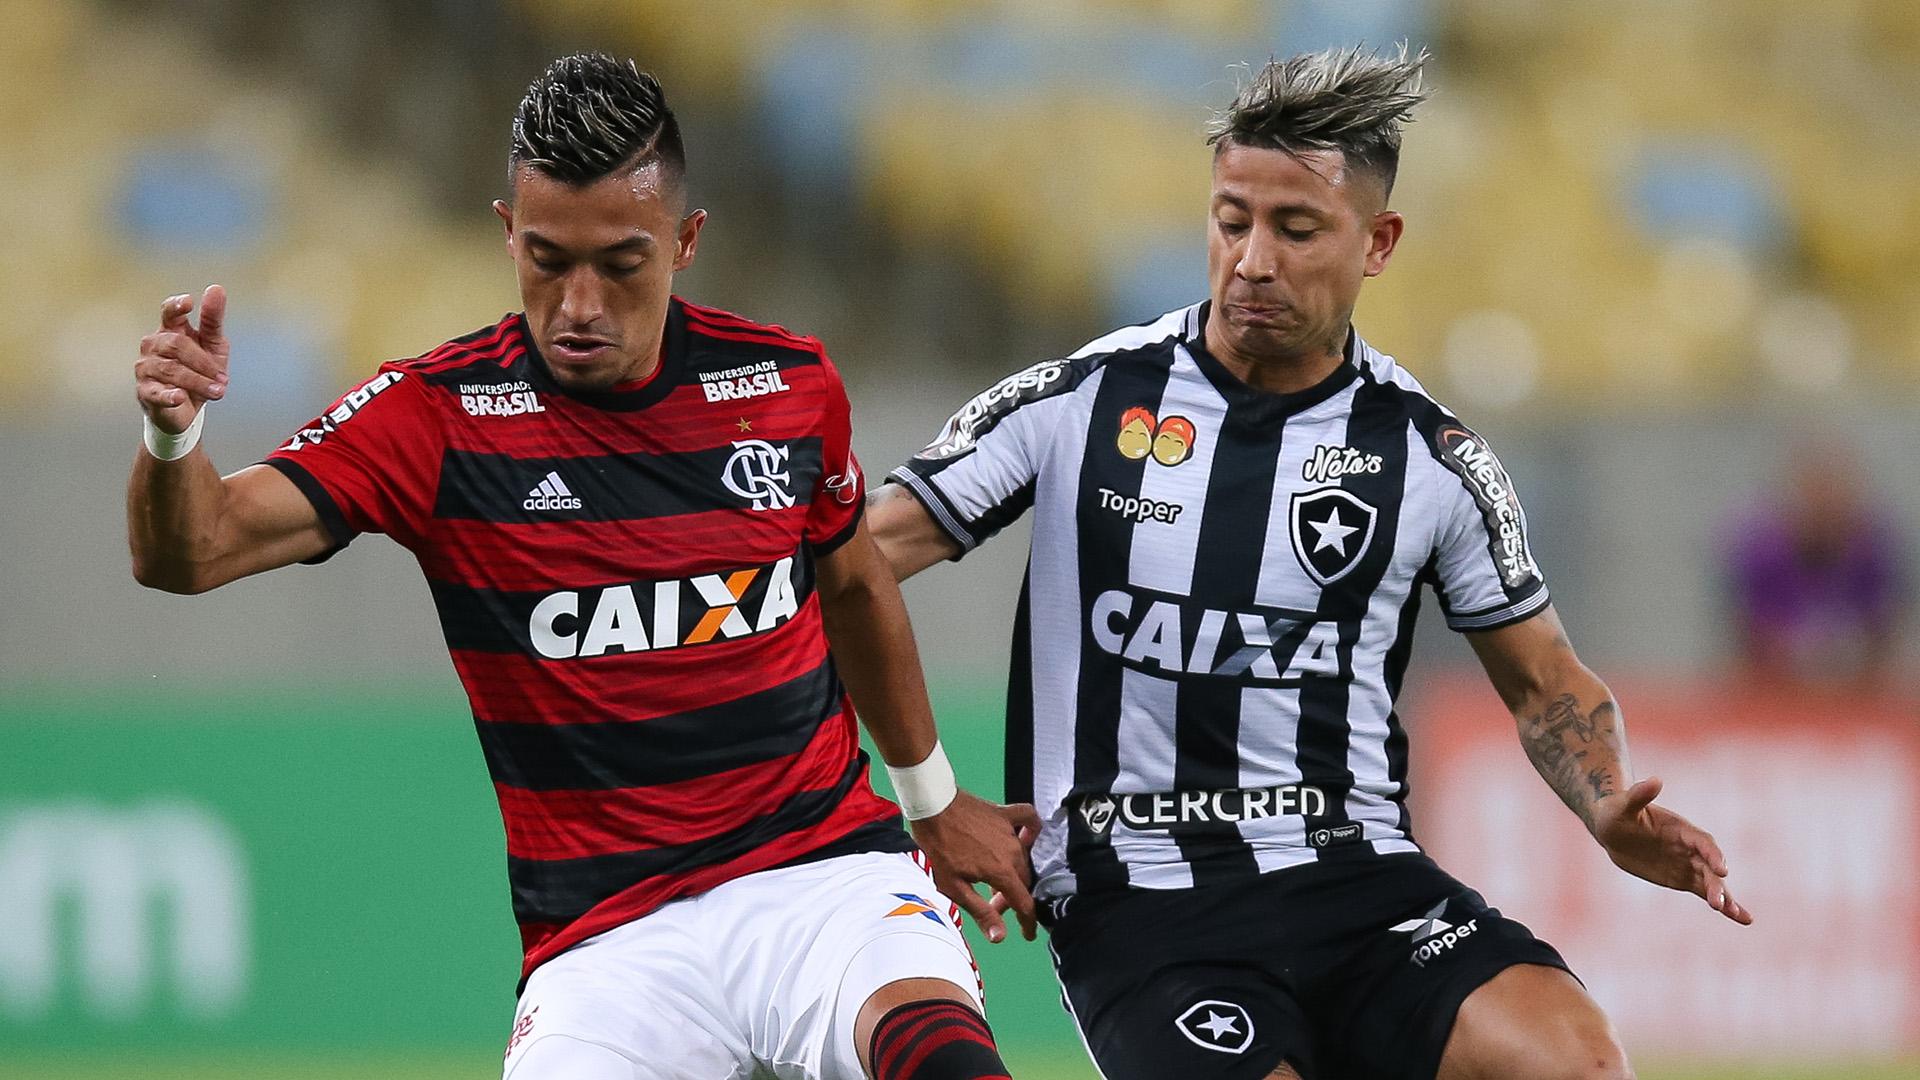 Leo Valencia Fernando Uribe Flamengo Botafogo Brasileirao Serie A 21072018